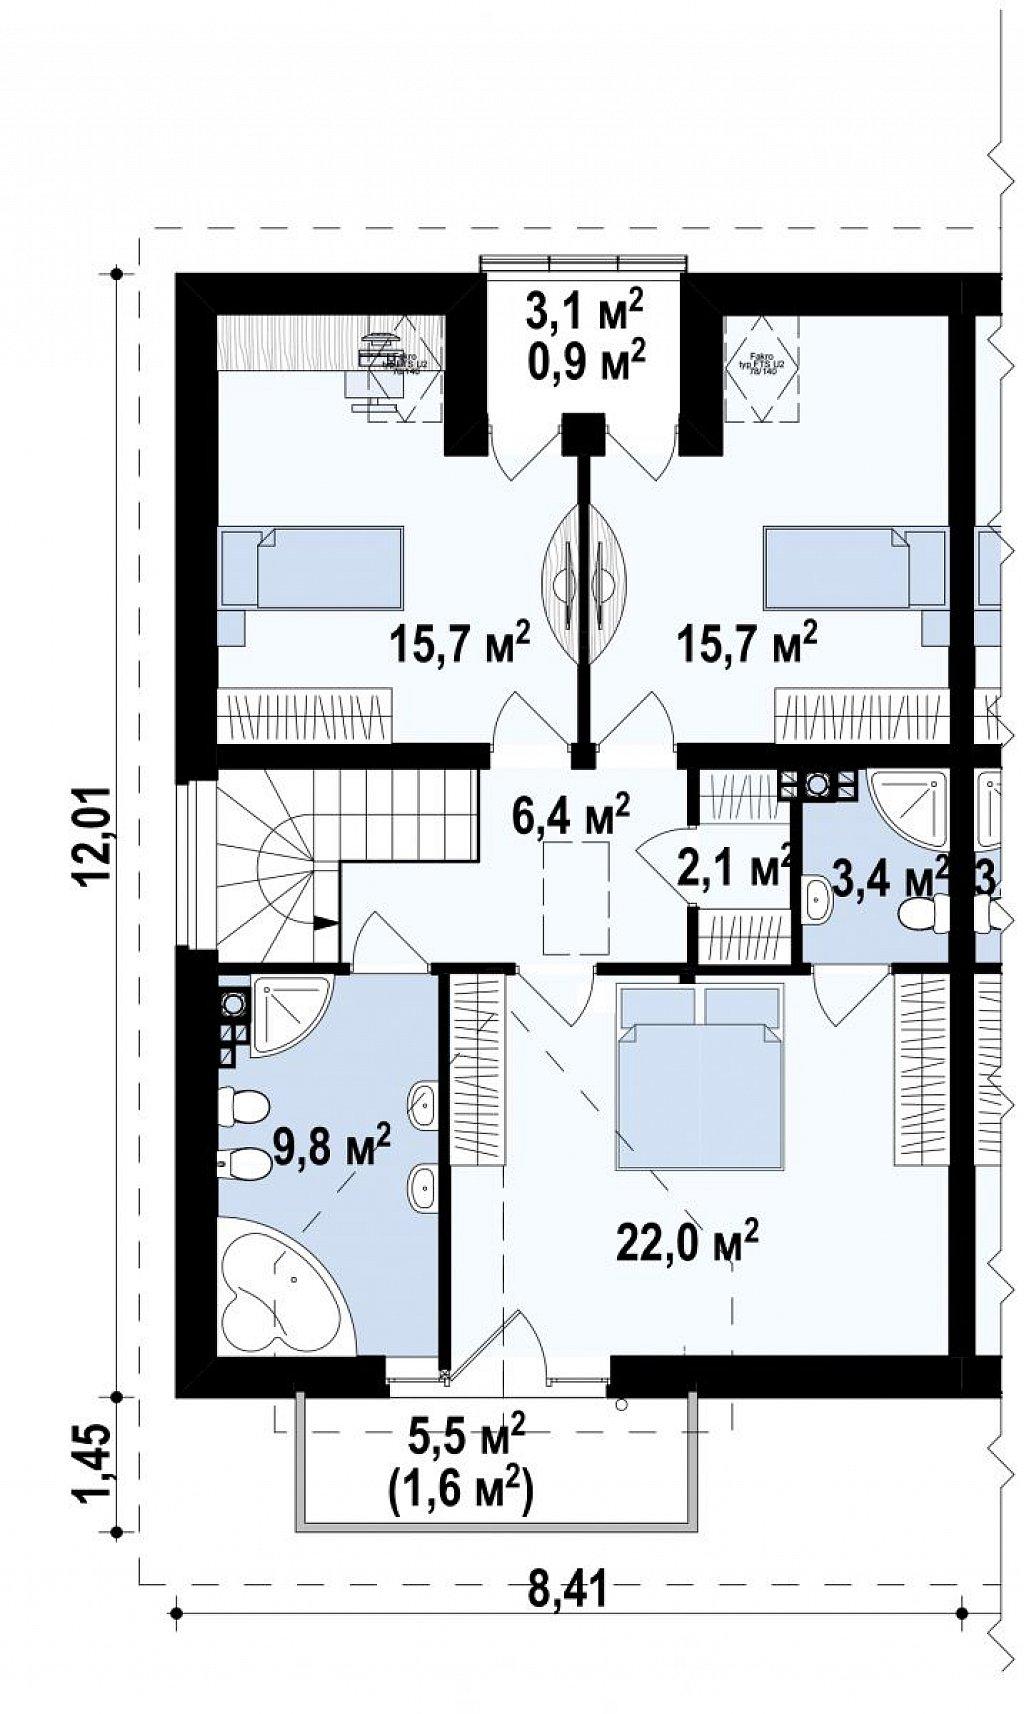 Проект стильного, функционального и недорогого двухсемейного дома. план помещений 2